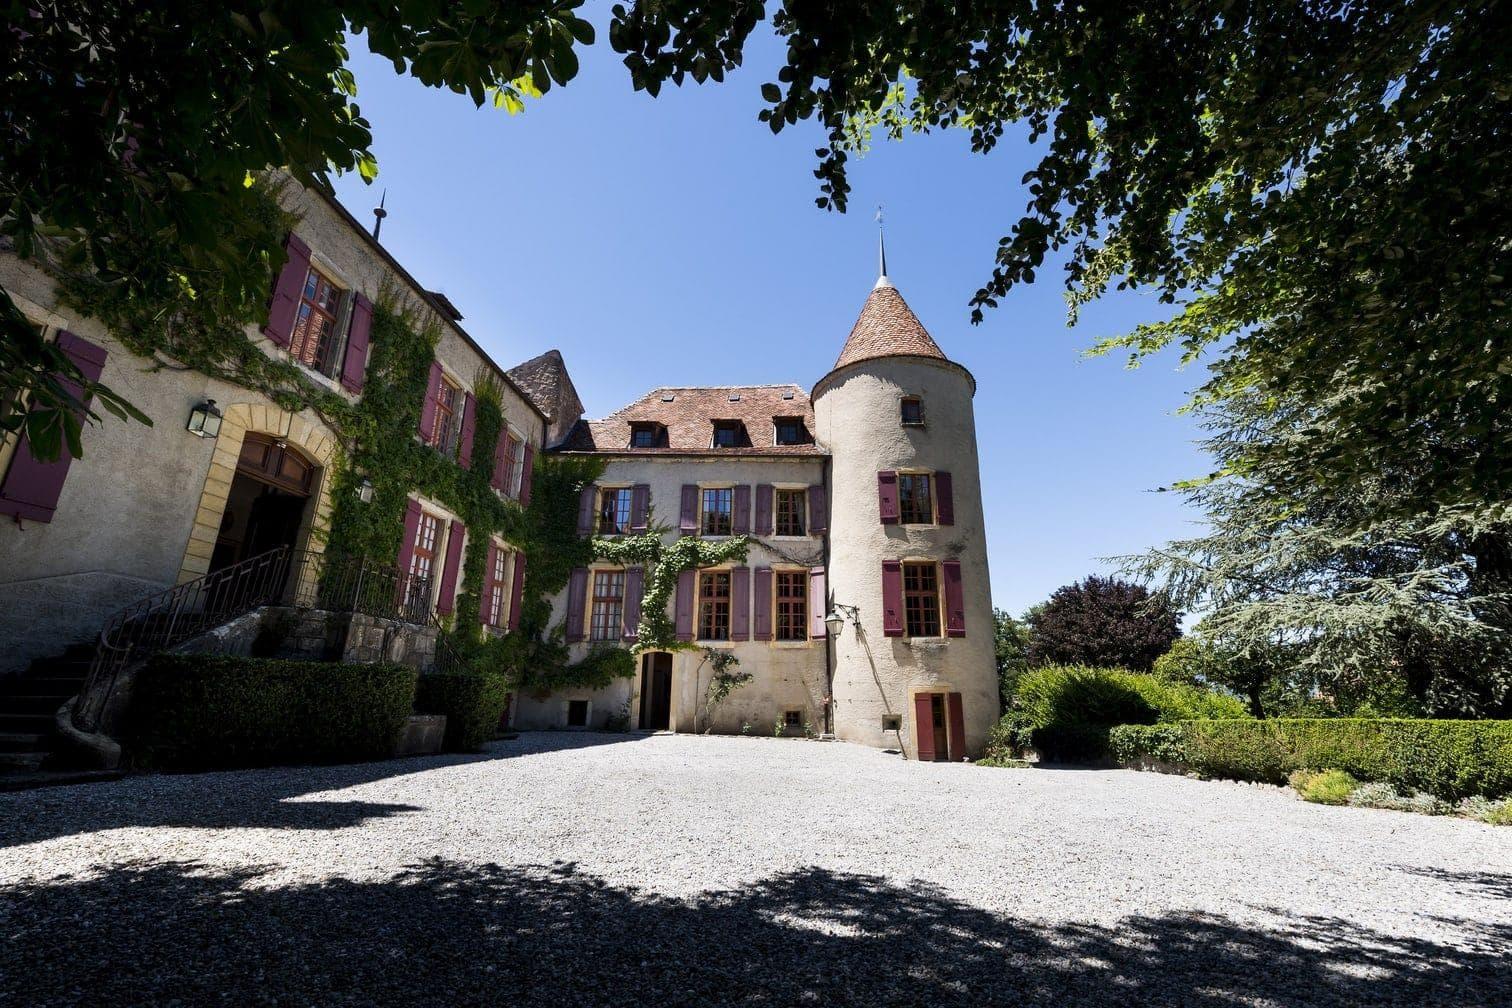 <p>Das Schloss gehört dem Genfer Privatbankier Thierry Lombard. Er wollte es nach Angaben des Auktionshauses vor ein paar Jahren für 18 Millionen Schweizer Franken (15